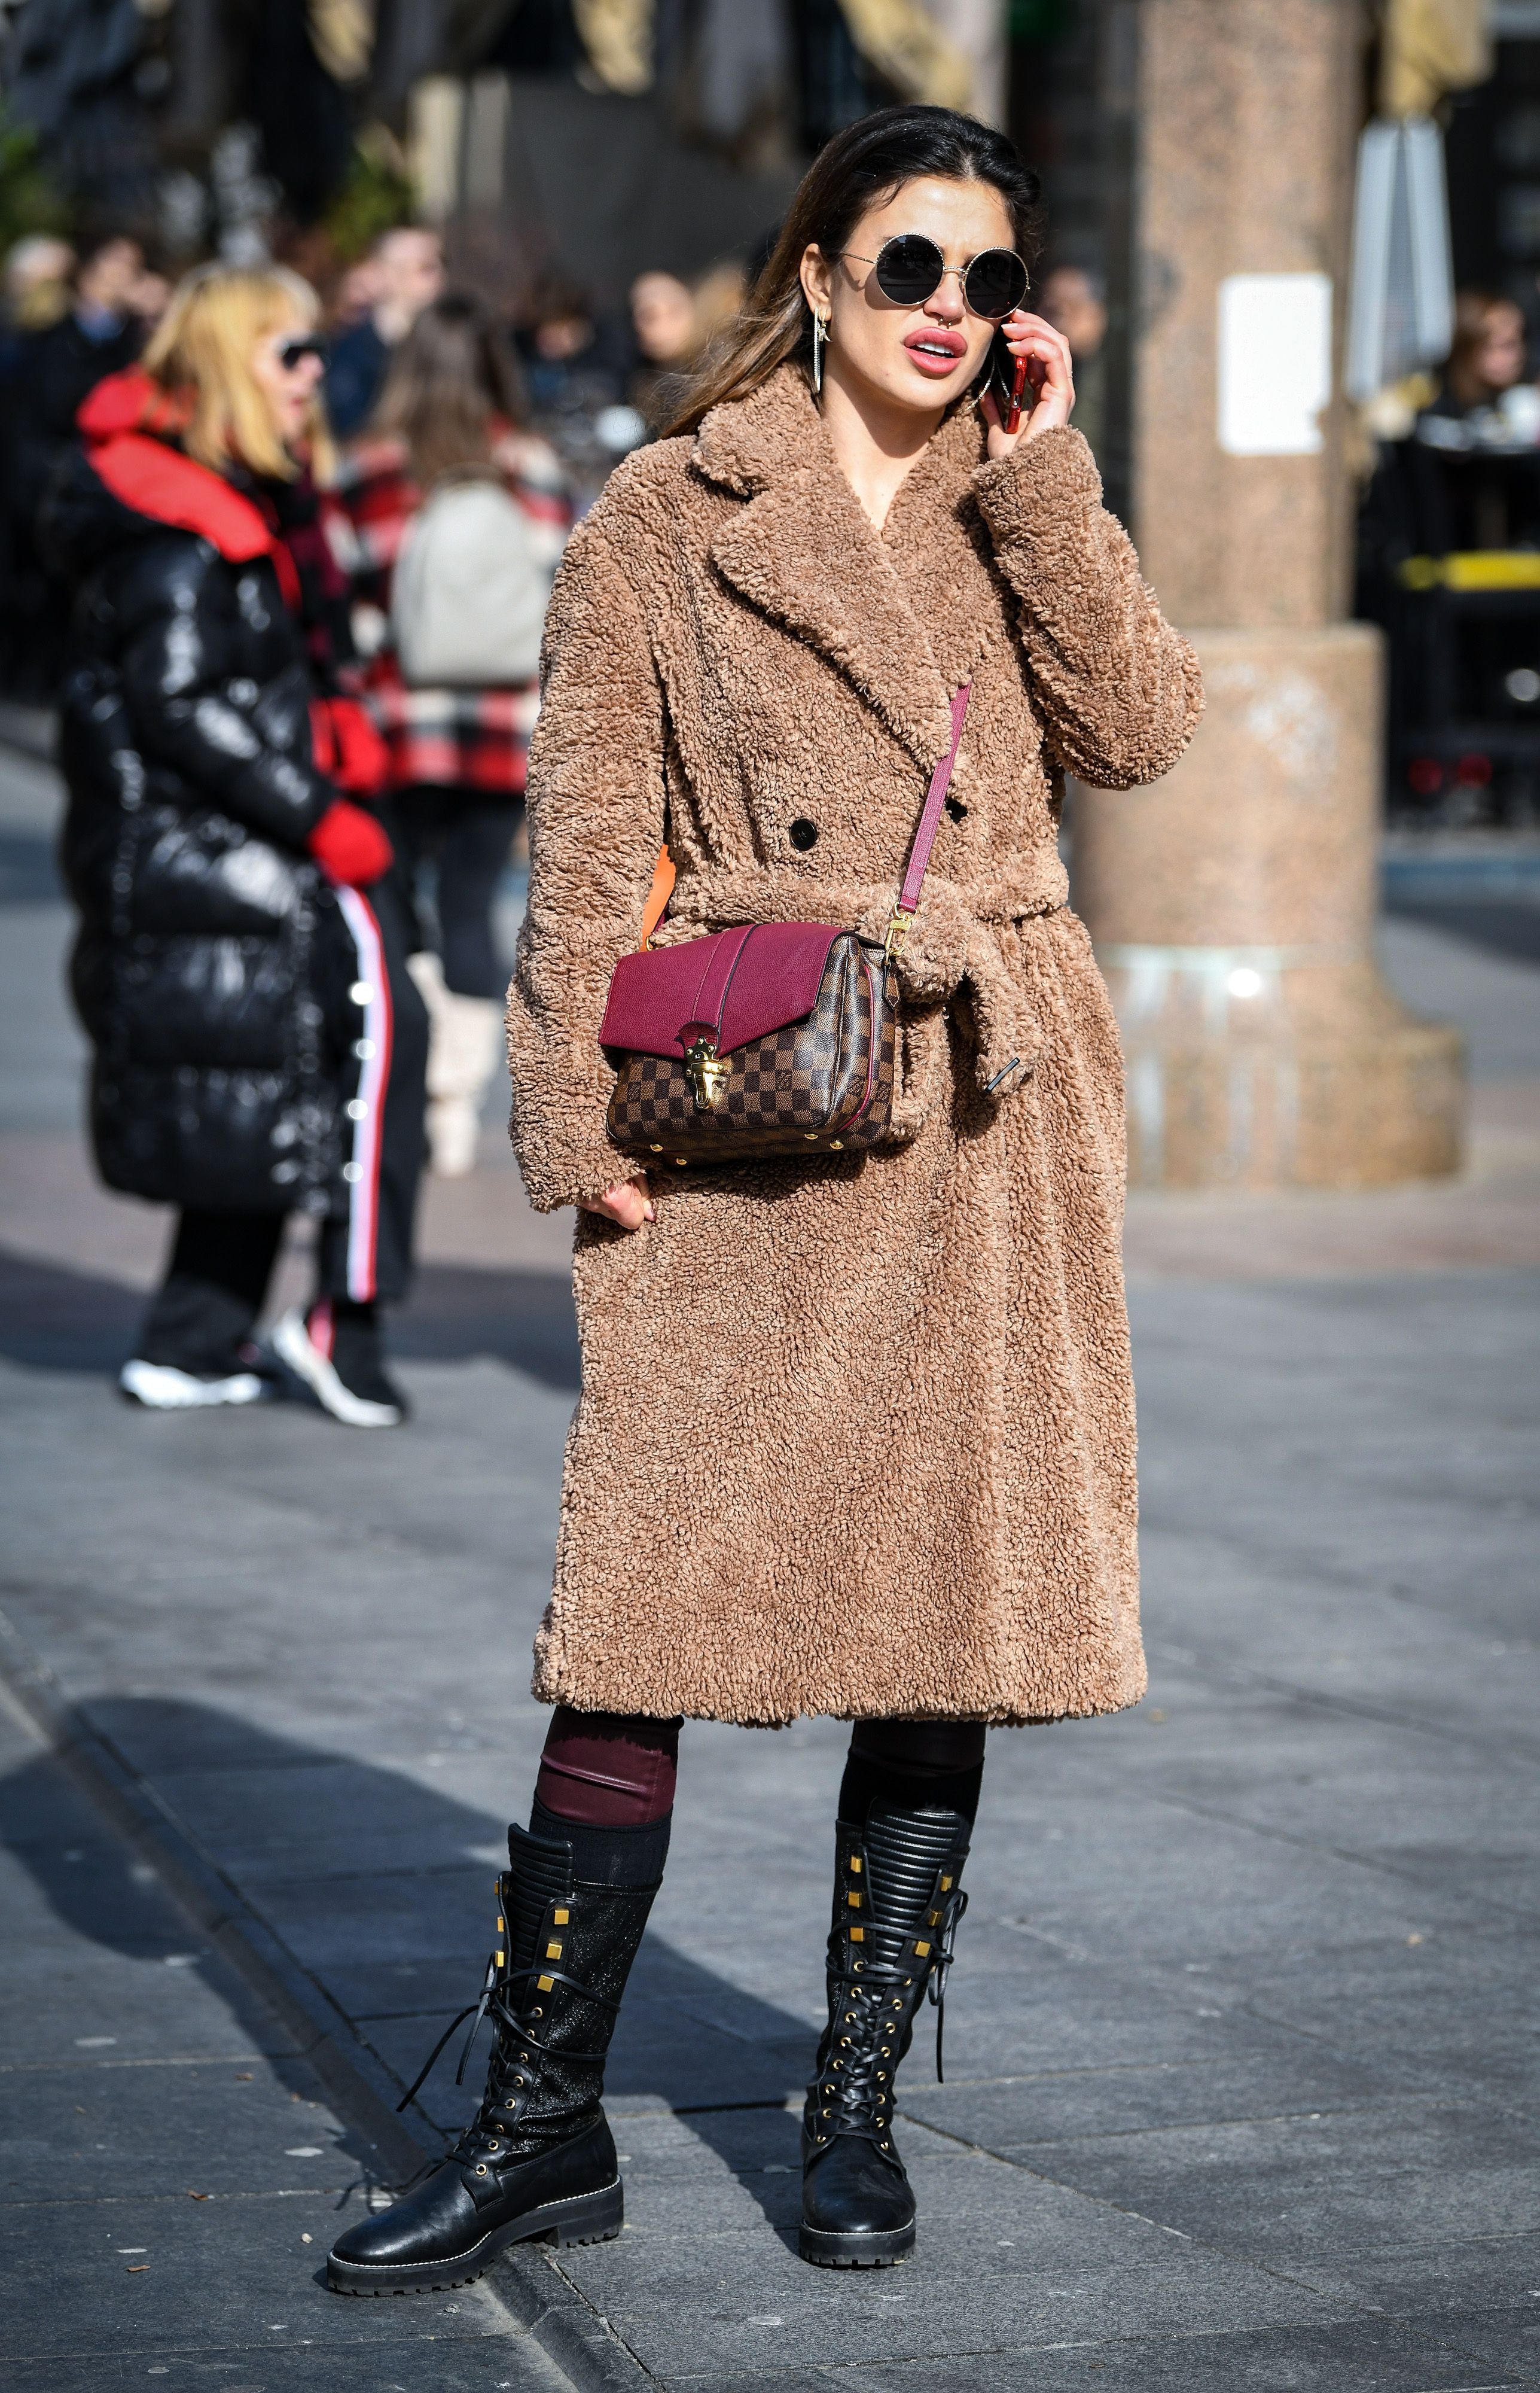 Najpopularniji kaput sezone i dizajnerska torbica... Ova atraktivna brineta ima formulu za stylish zimu!